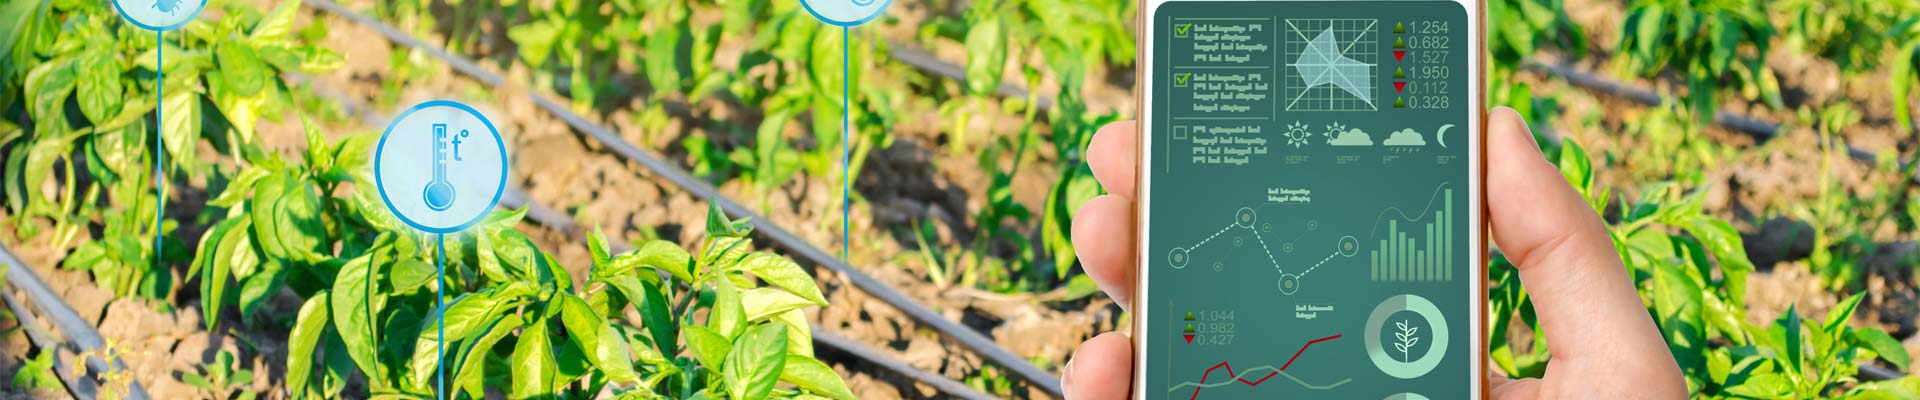 innovation-digitalisierung-landwirtschaft_